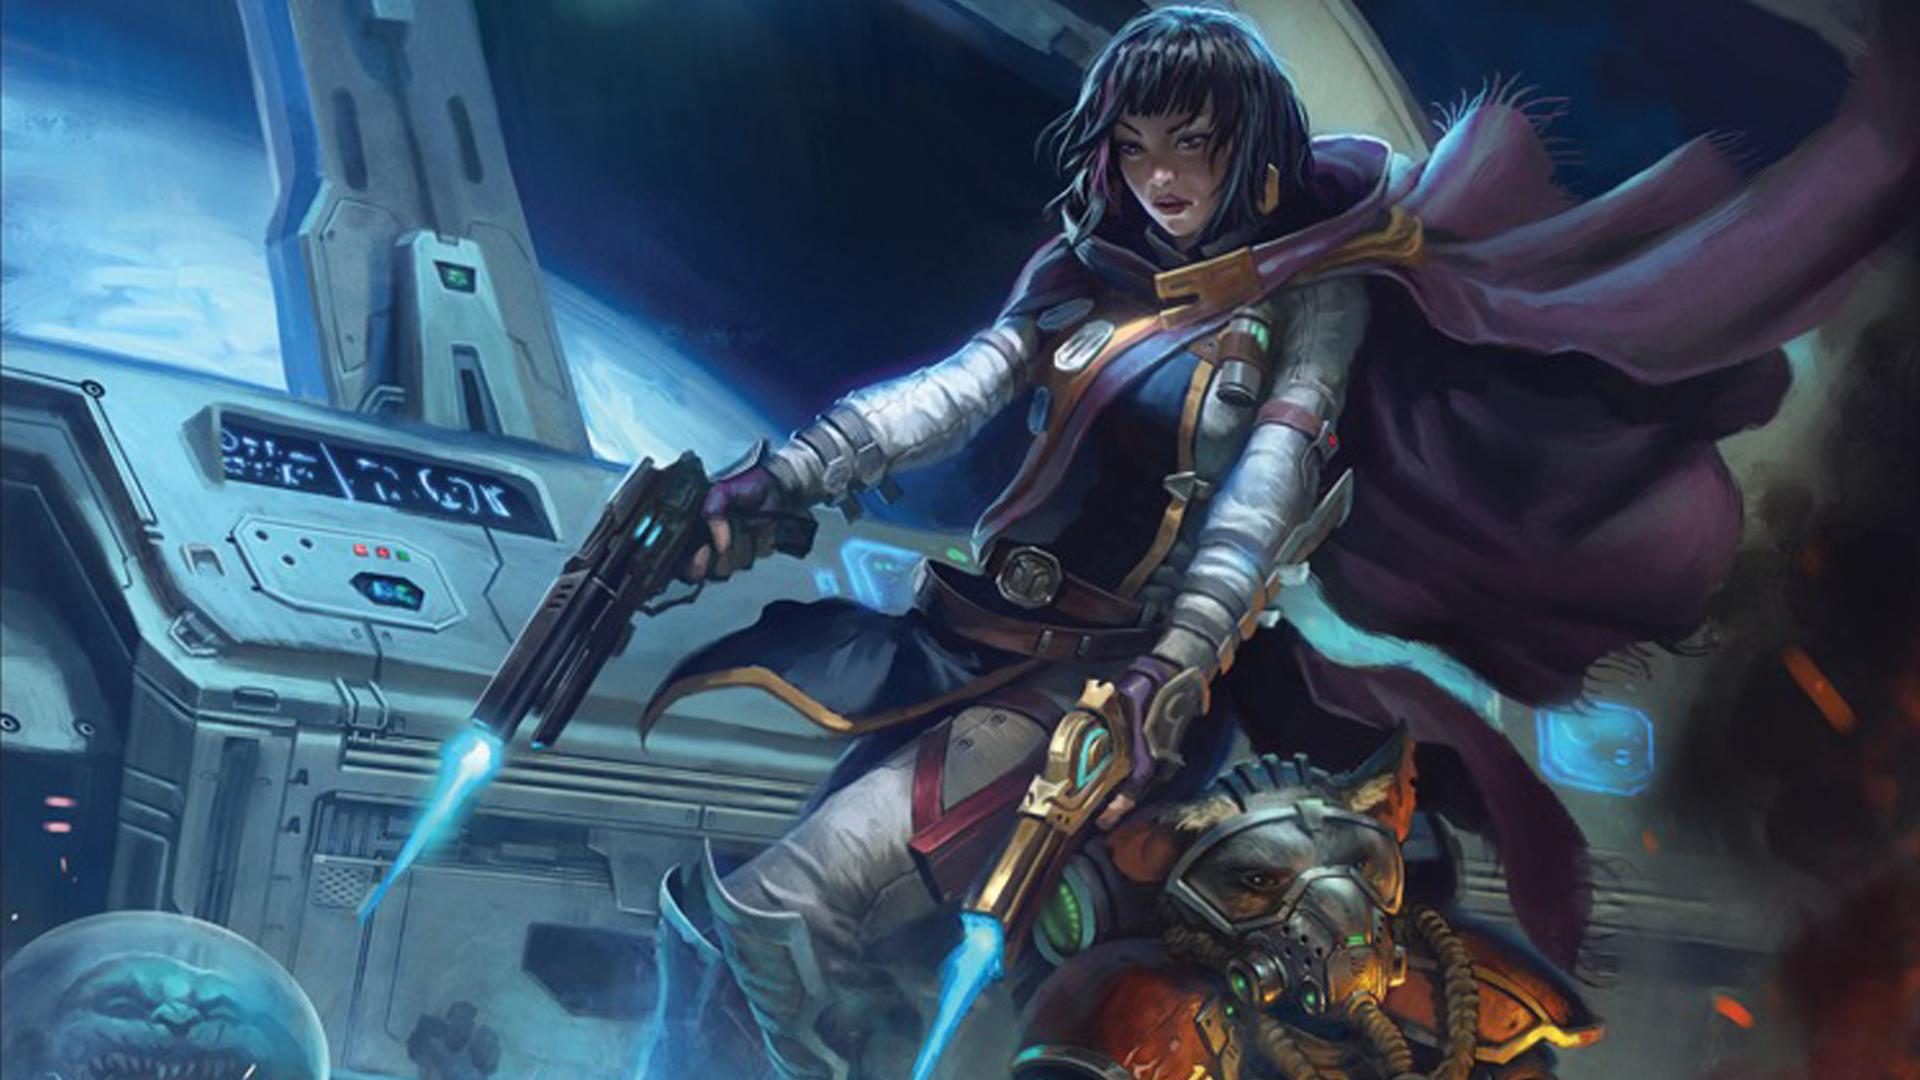 Starfinder RPG artwork